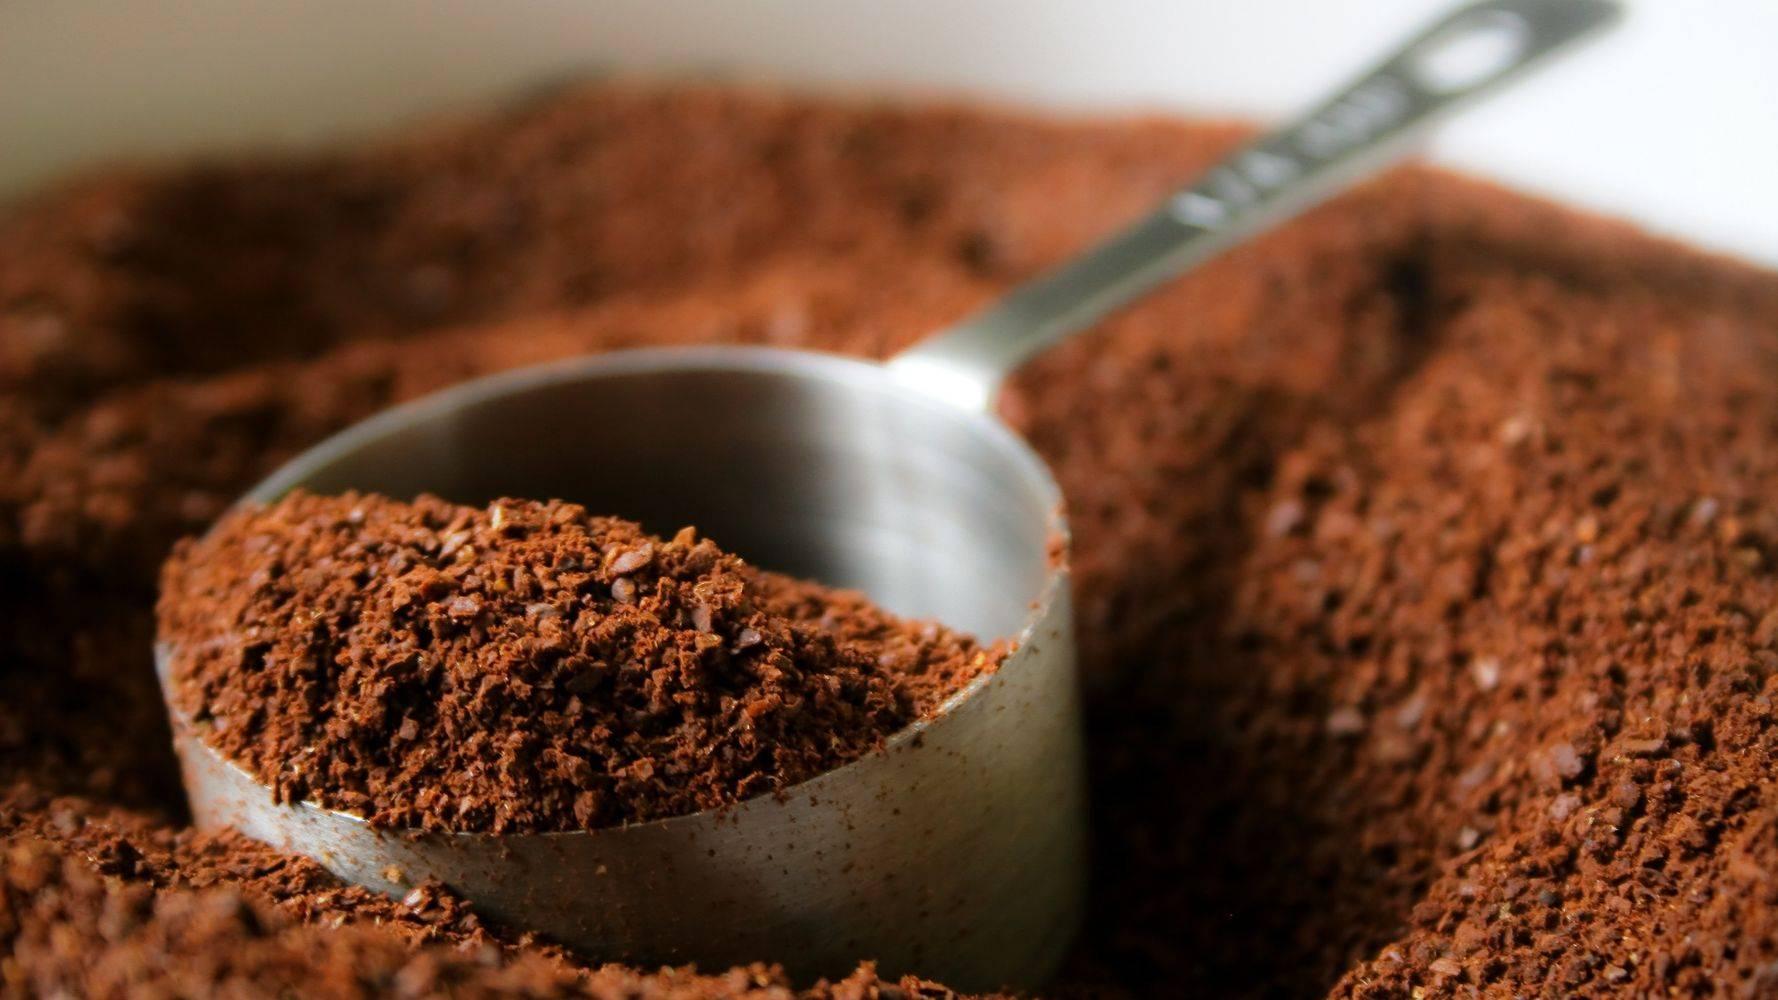 Есть ли у кофе срок годности?